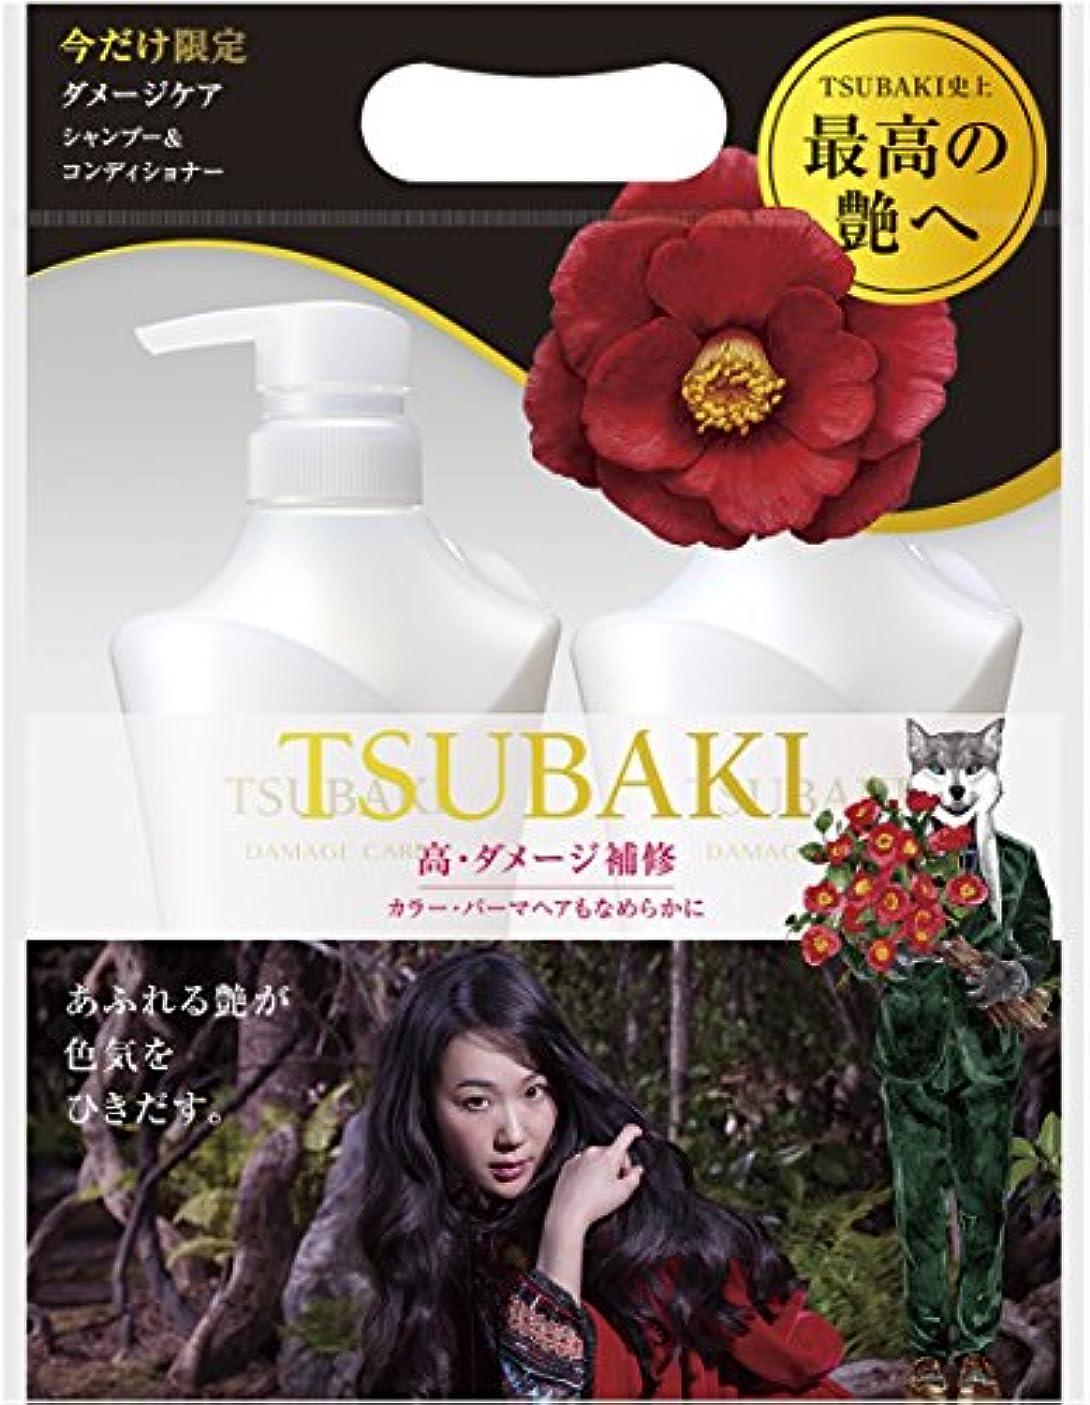 真似るもっともらしい原子炉【本体セット】TSUBAKI ダメージケア シャンプー&コンディショナージャンボペアセット